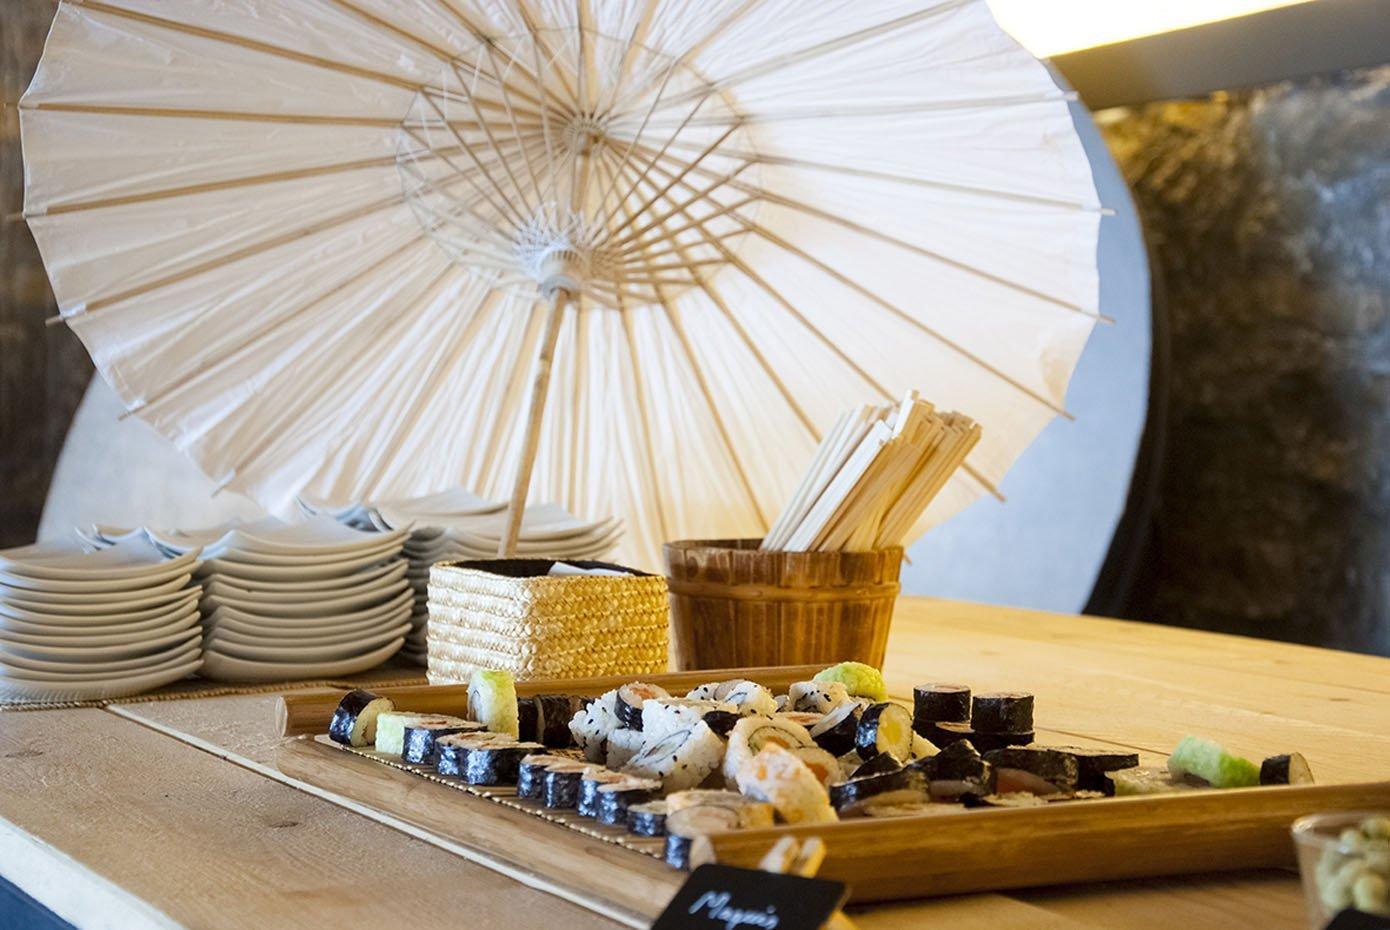 Casaments-ca-nalzina-espai-gastronomia19